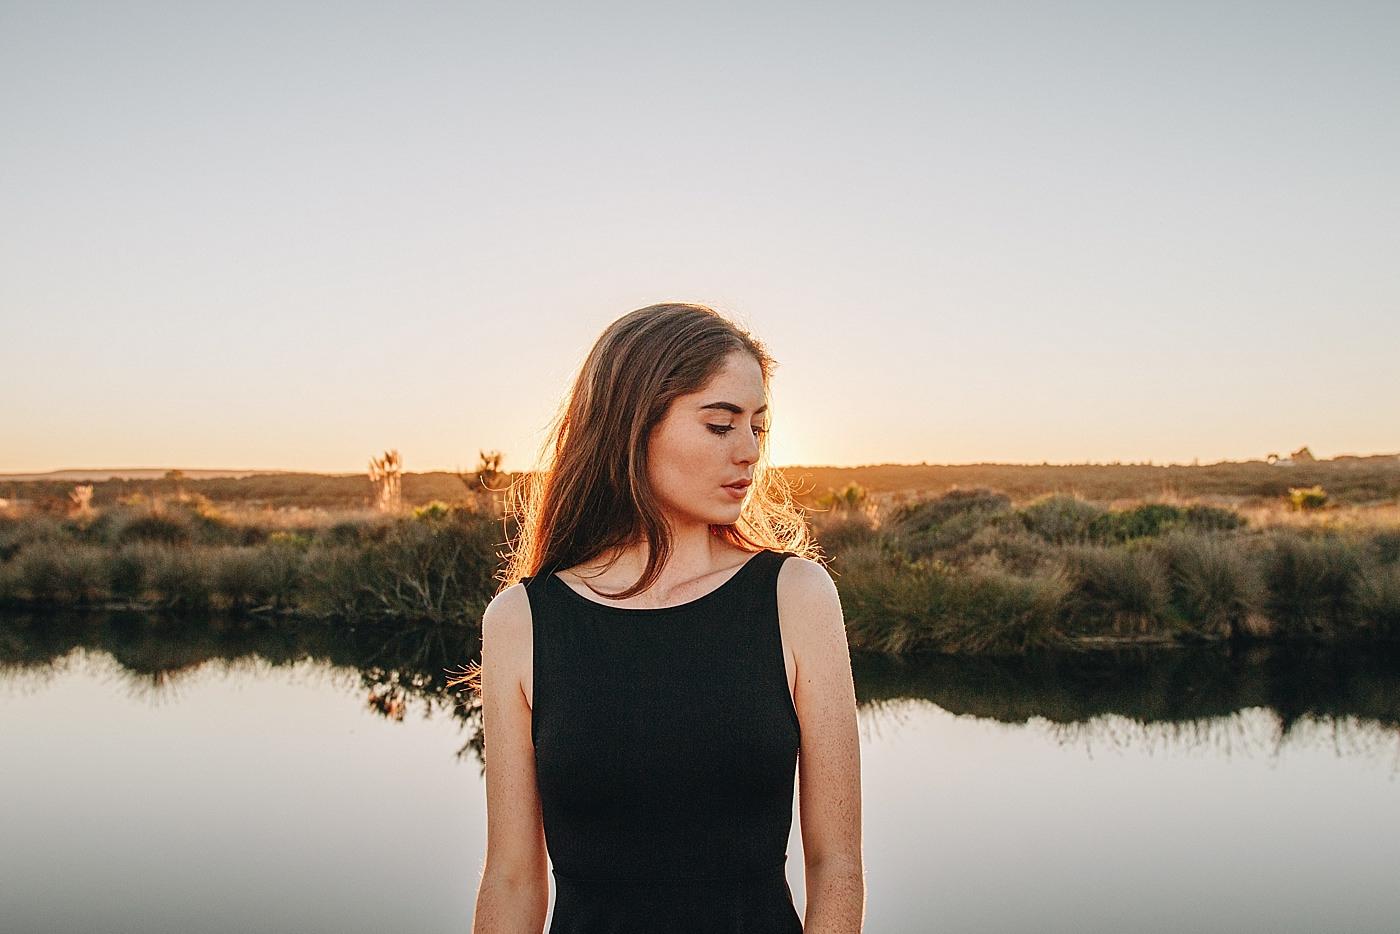 Lieschens Hochzeitstipp: Das Schwarze Kleid - Ein Nogo